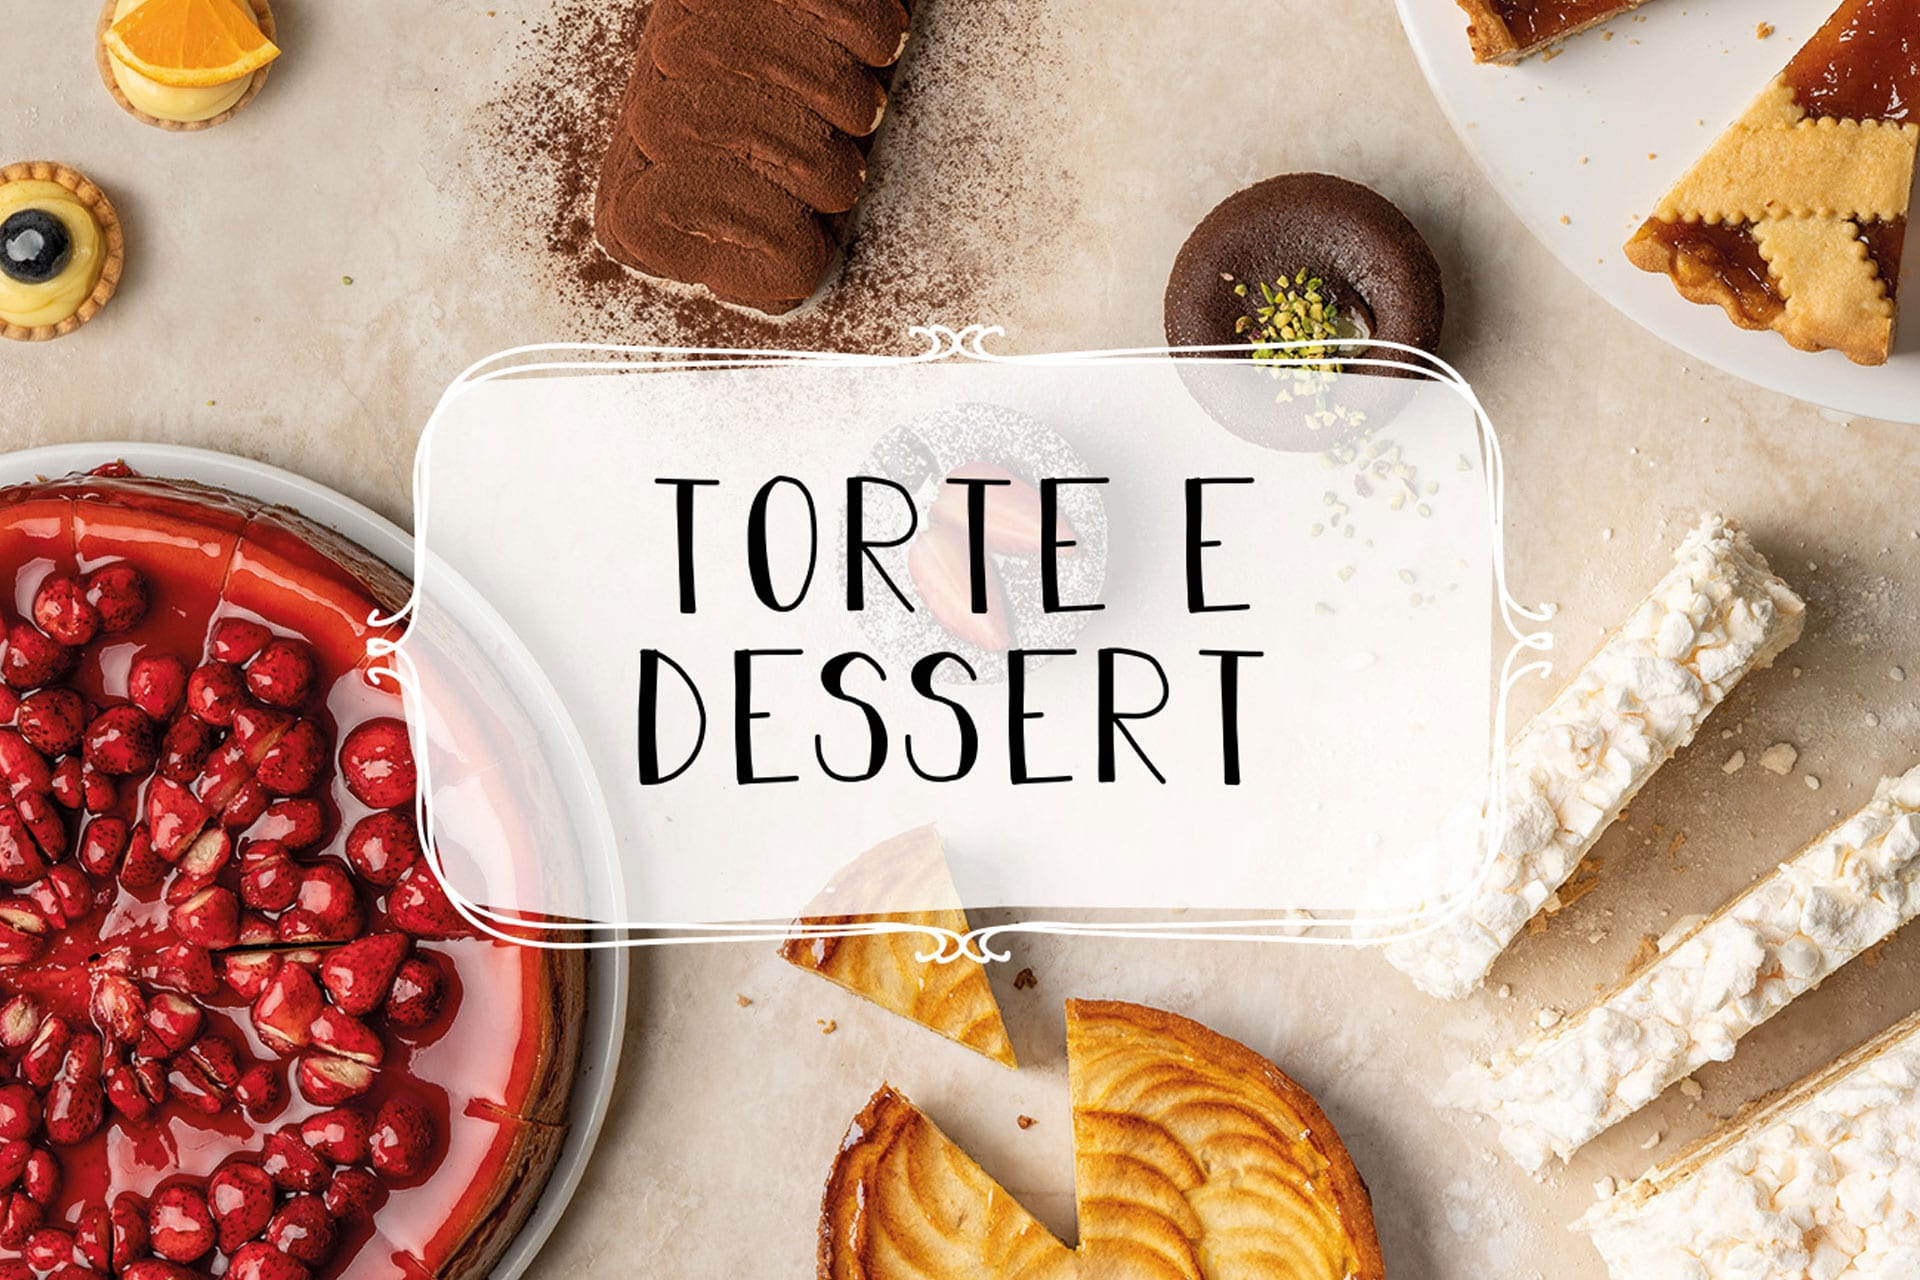 Forno D'Asolo dessert